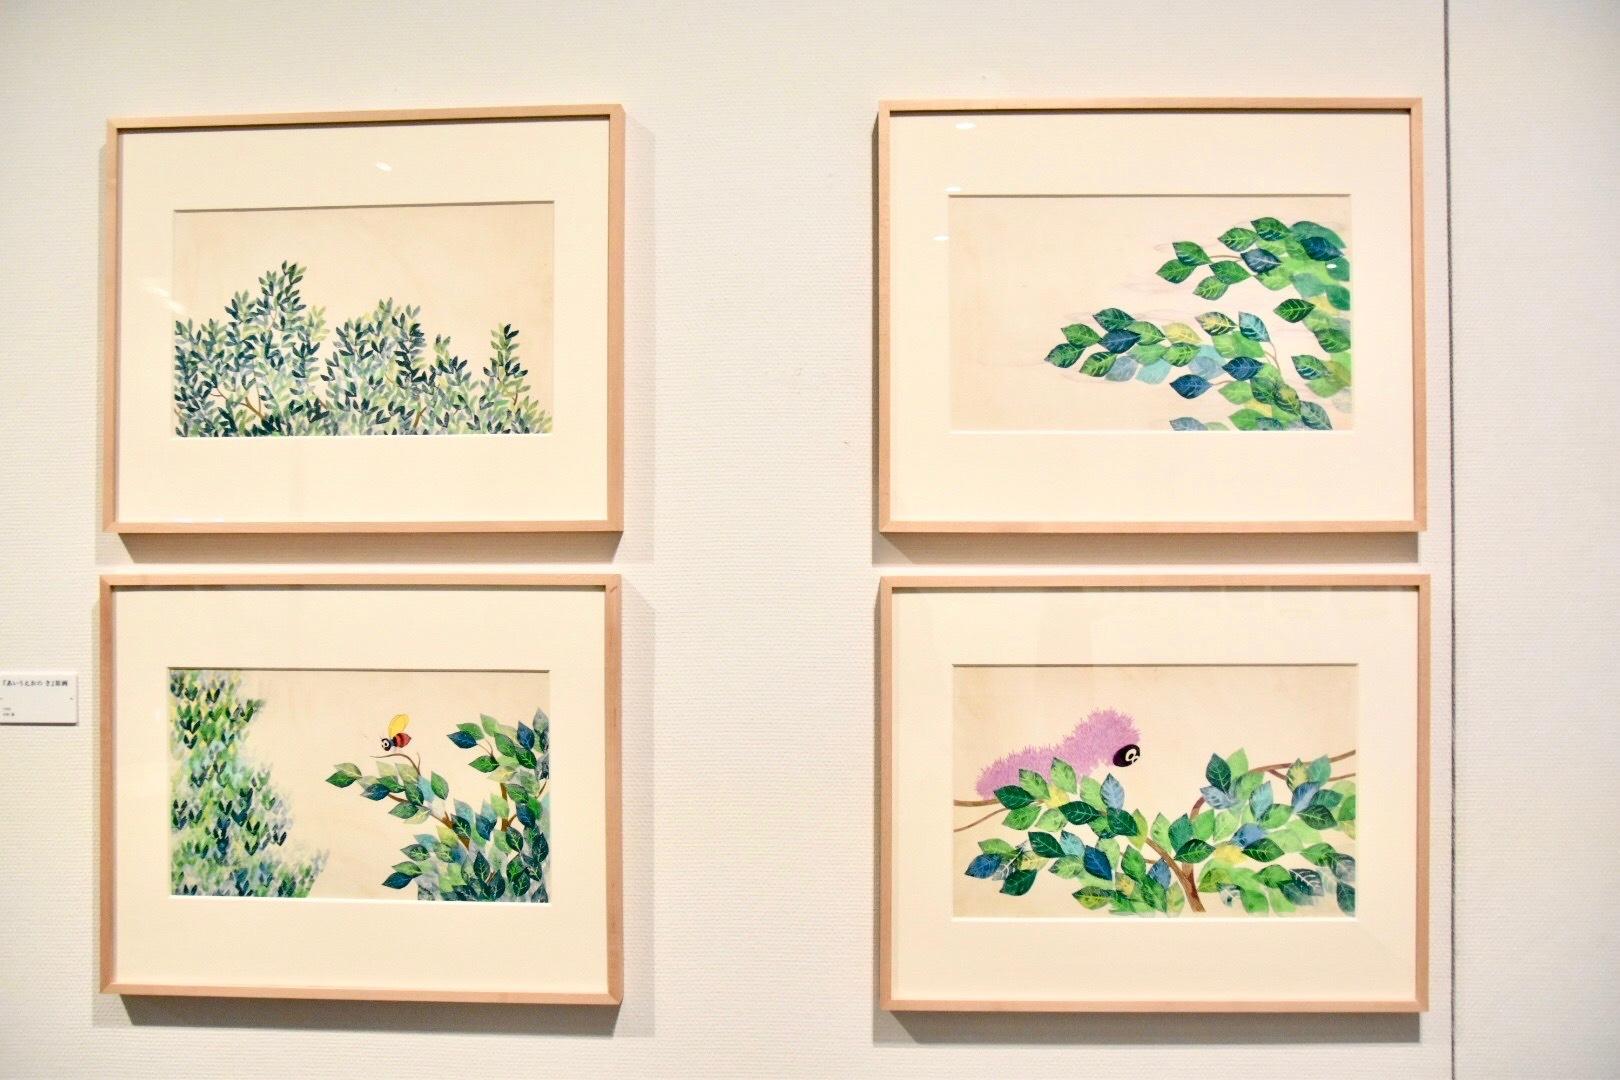 『あいうえの き』原画 1968年 アニー・レオーニ氏所蔵